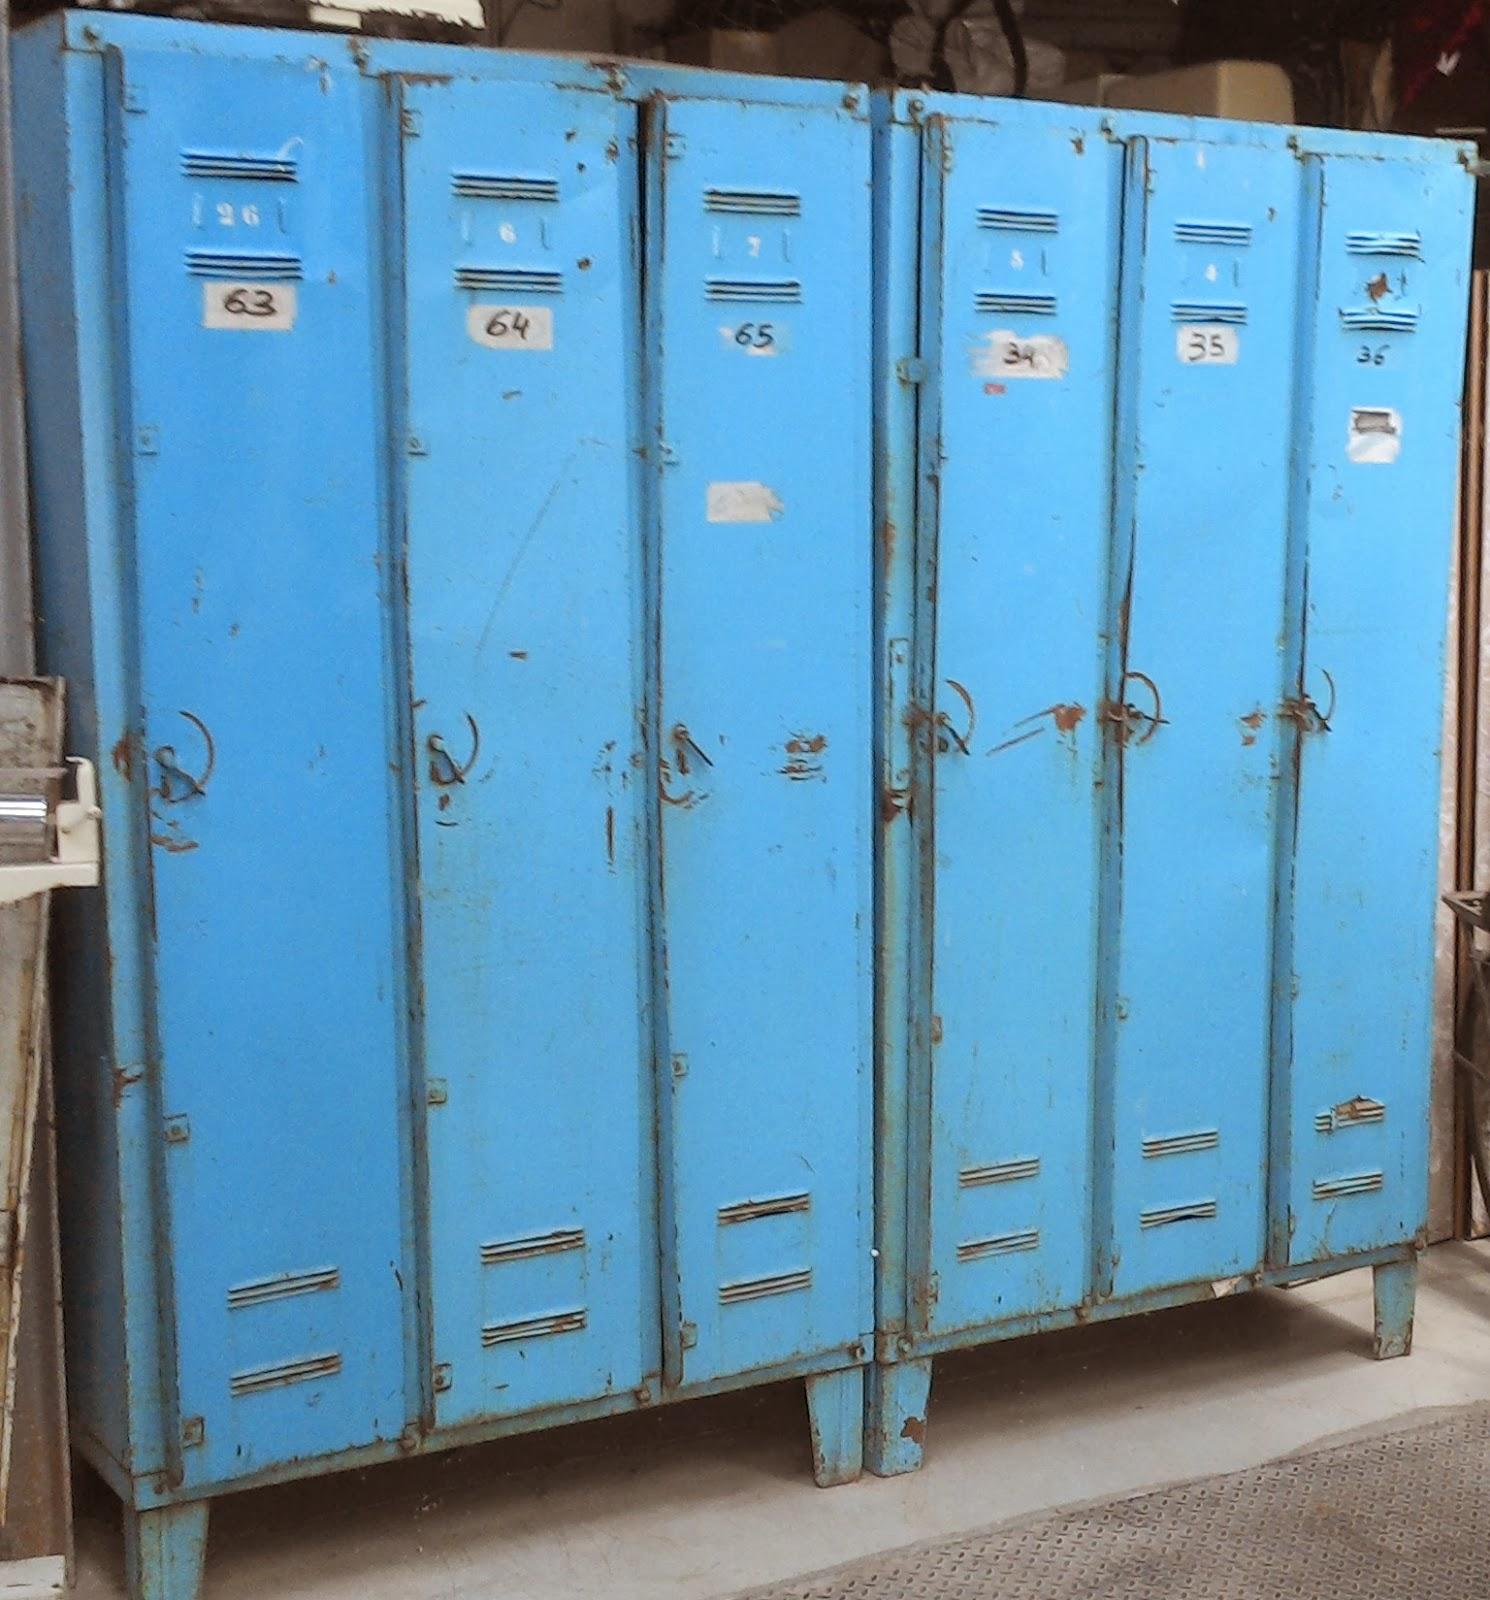 Paire anciens vestiaires en tole 3 portes design industriel atelier loft garage ebay - Porte sectionnelle industrielle occasion ...